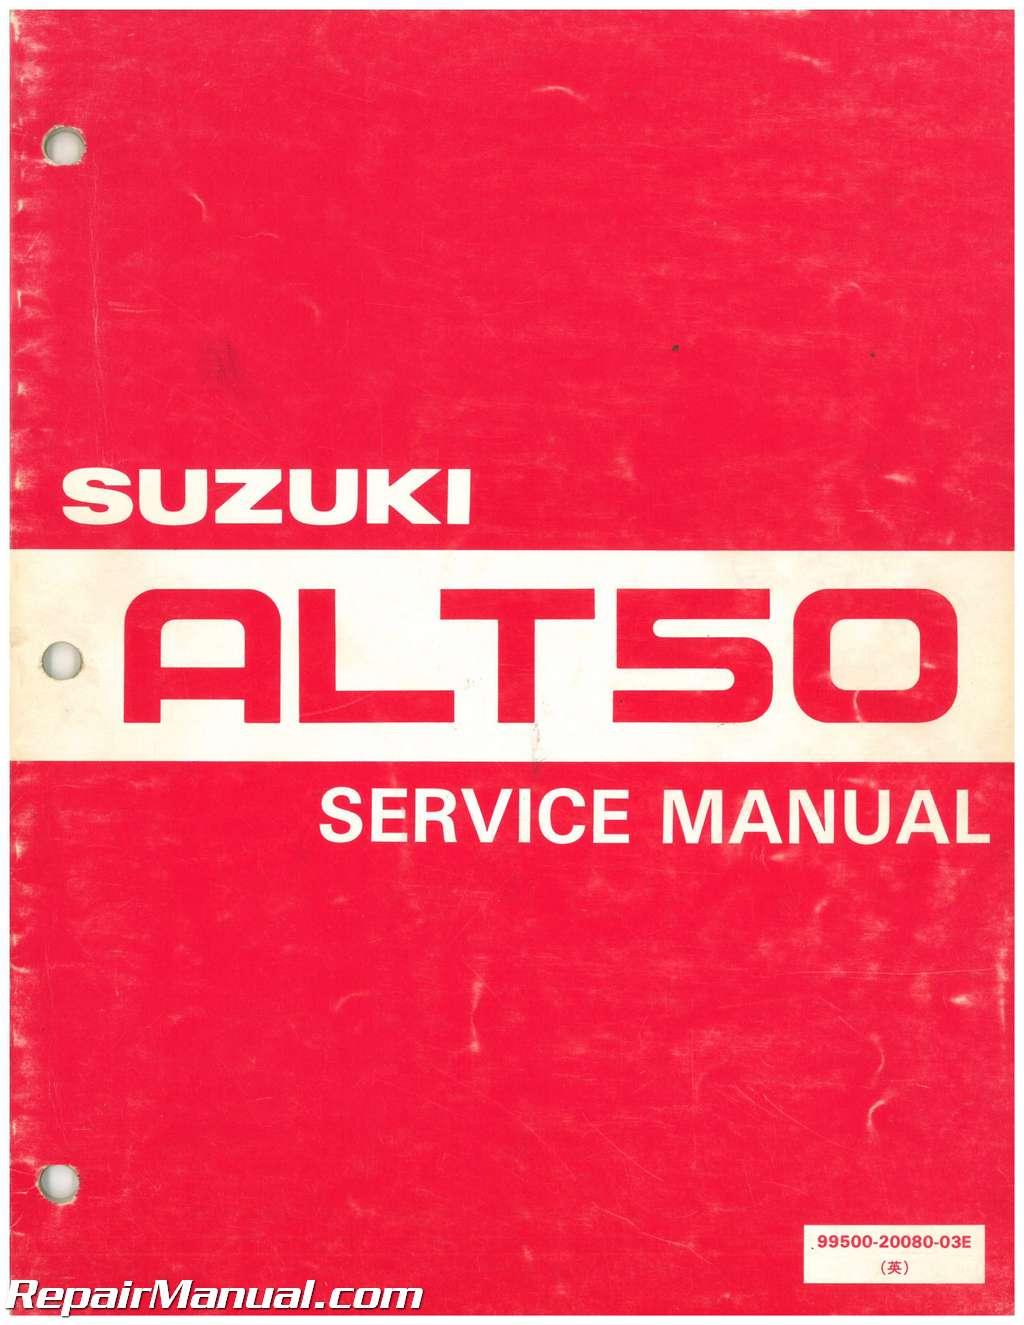 used suzuki alt50 manual trailbuddy 1983 1984 rh repairmanual com Suzuki Trail Buddy 50 Suzuki LT 50